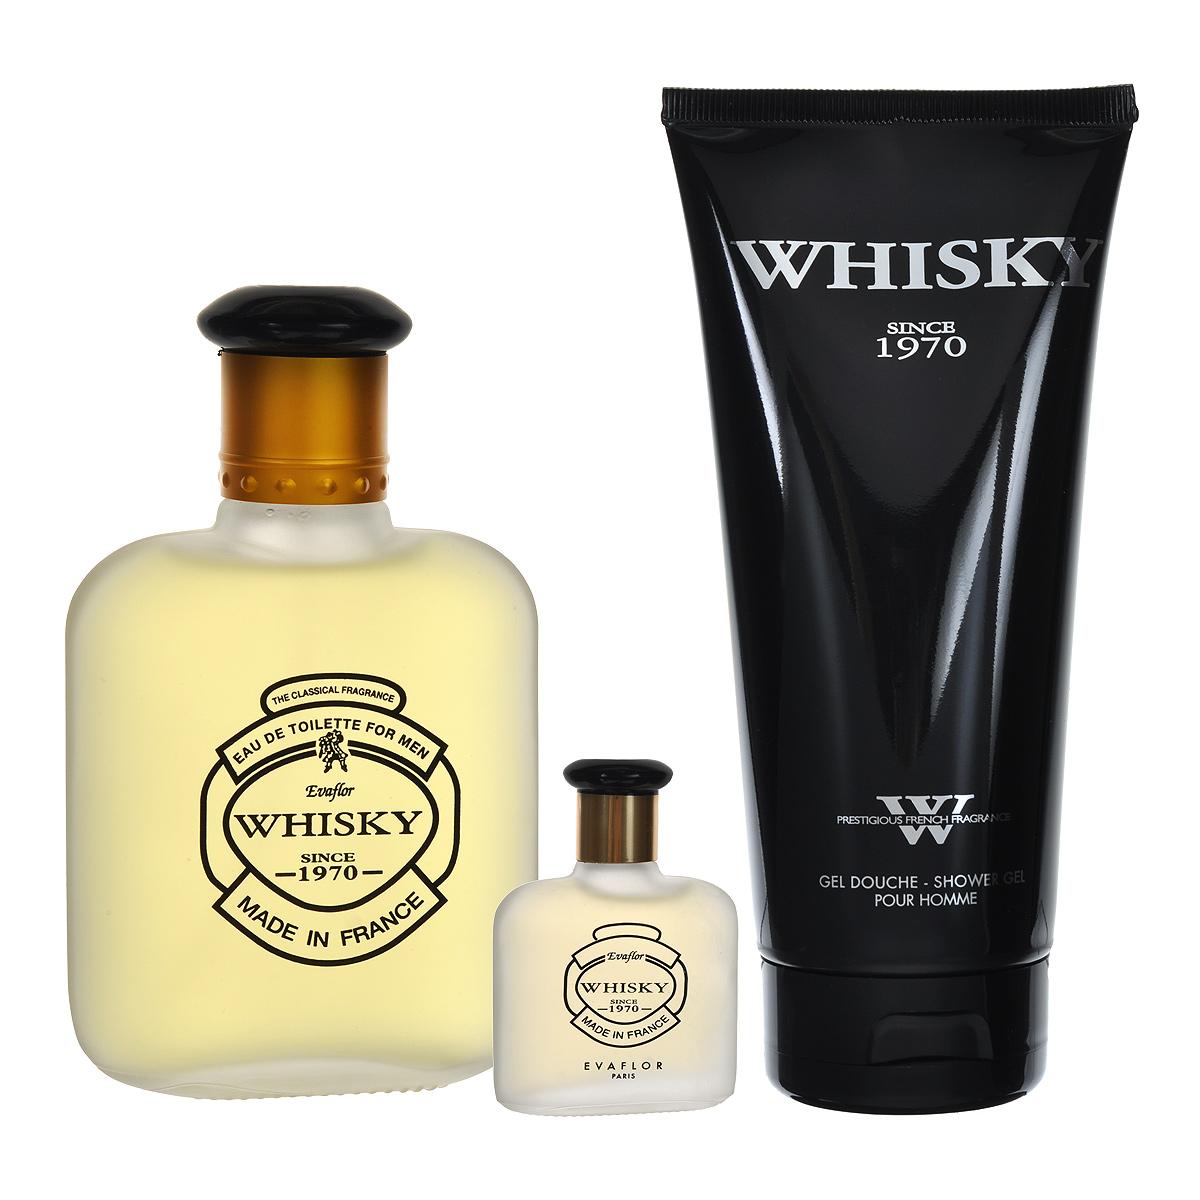 Whisky Подарочный набор Whisky для мужчин: туалетная вода, 100 мл + 7,5 мл, гель для душа, 200 мл (Evaflor)